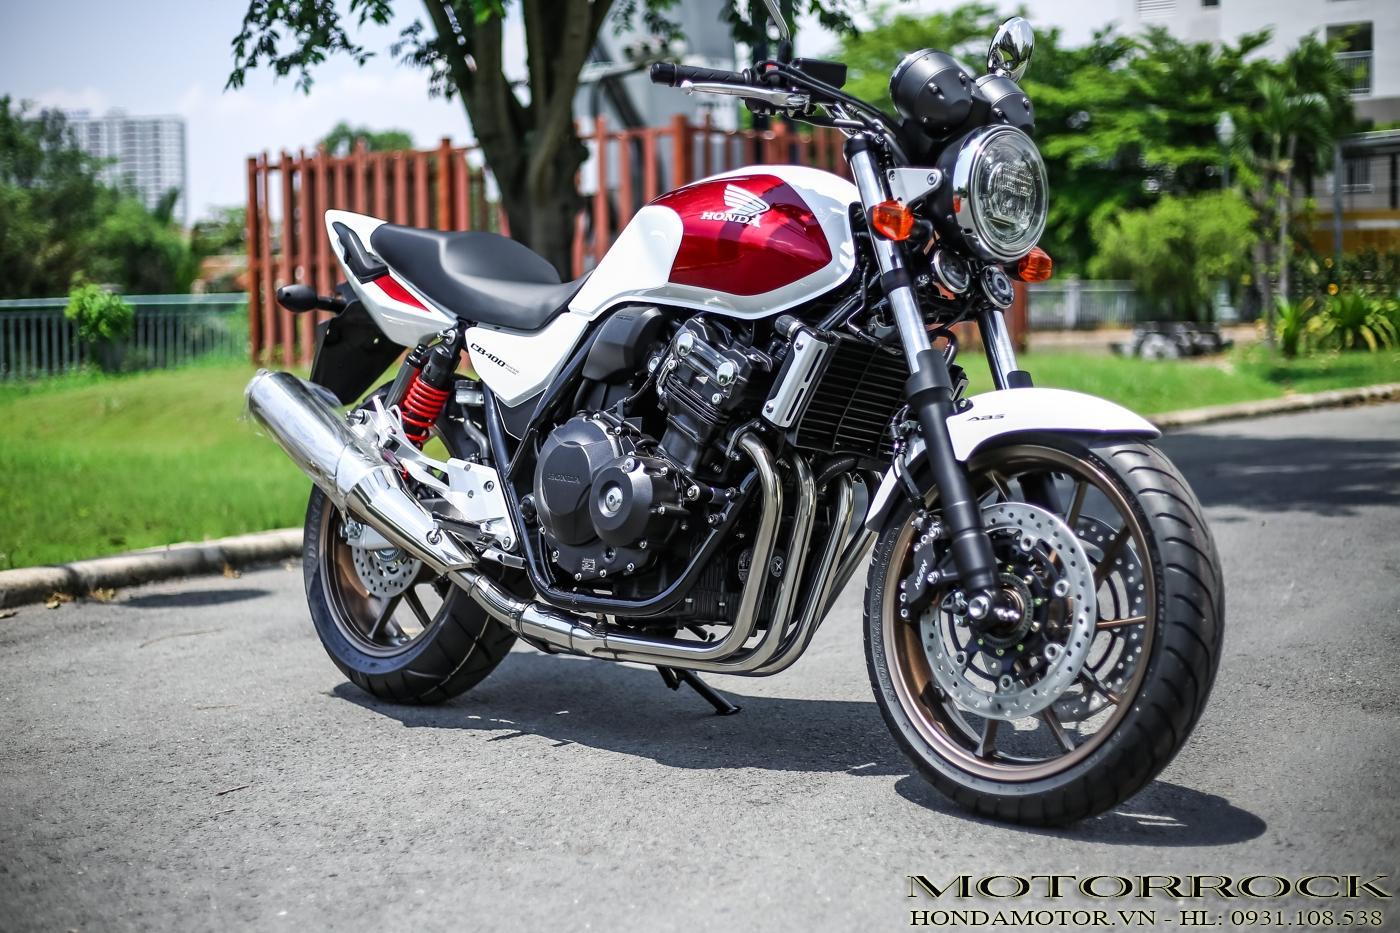 2018 Honda CB400sf bản đạc biệt kỹ niện 25 năm CB series